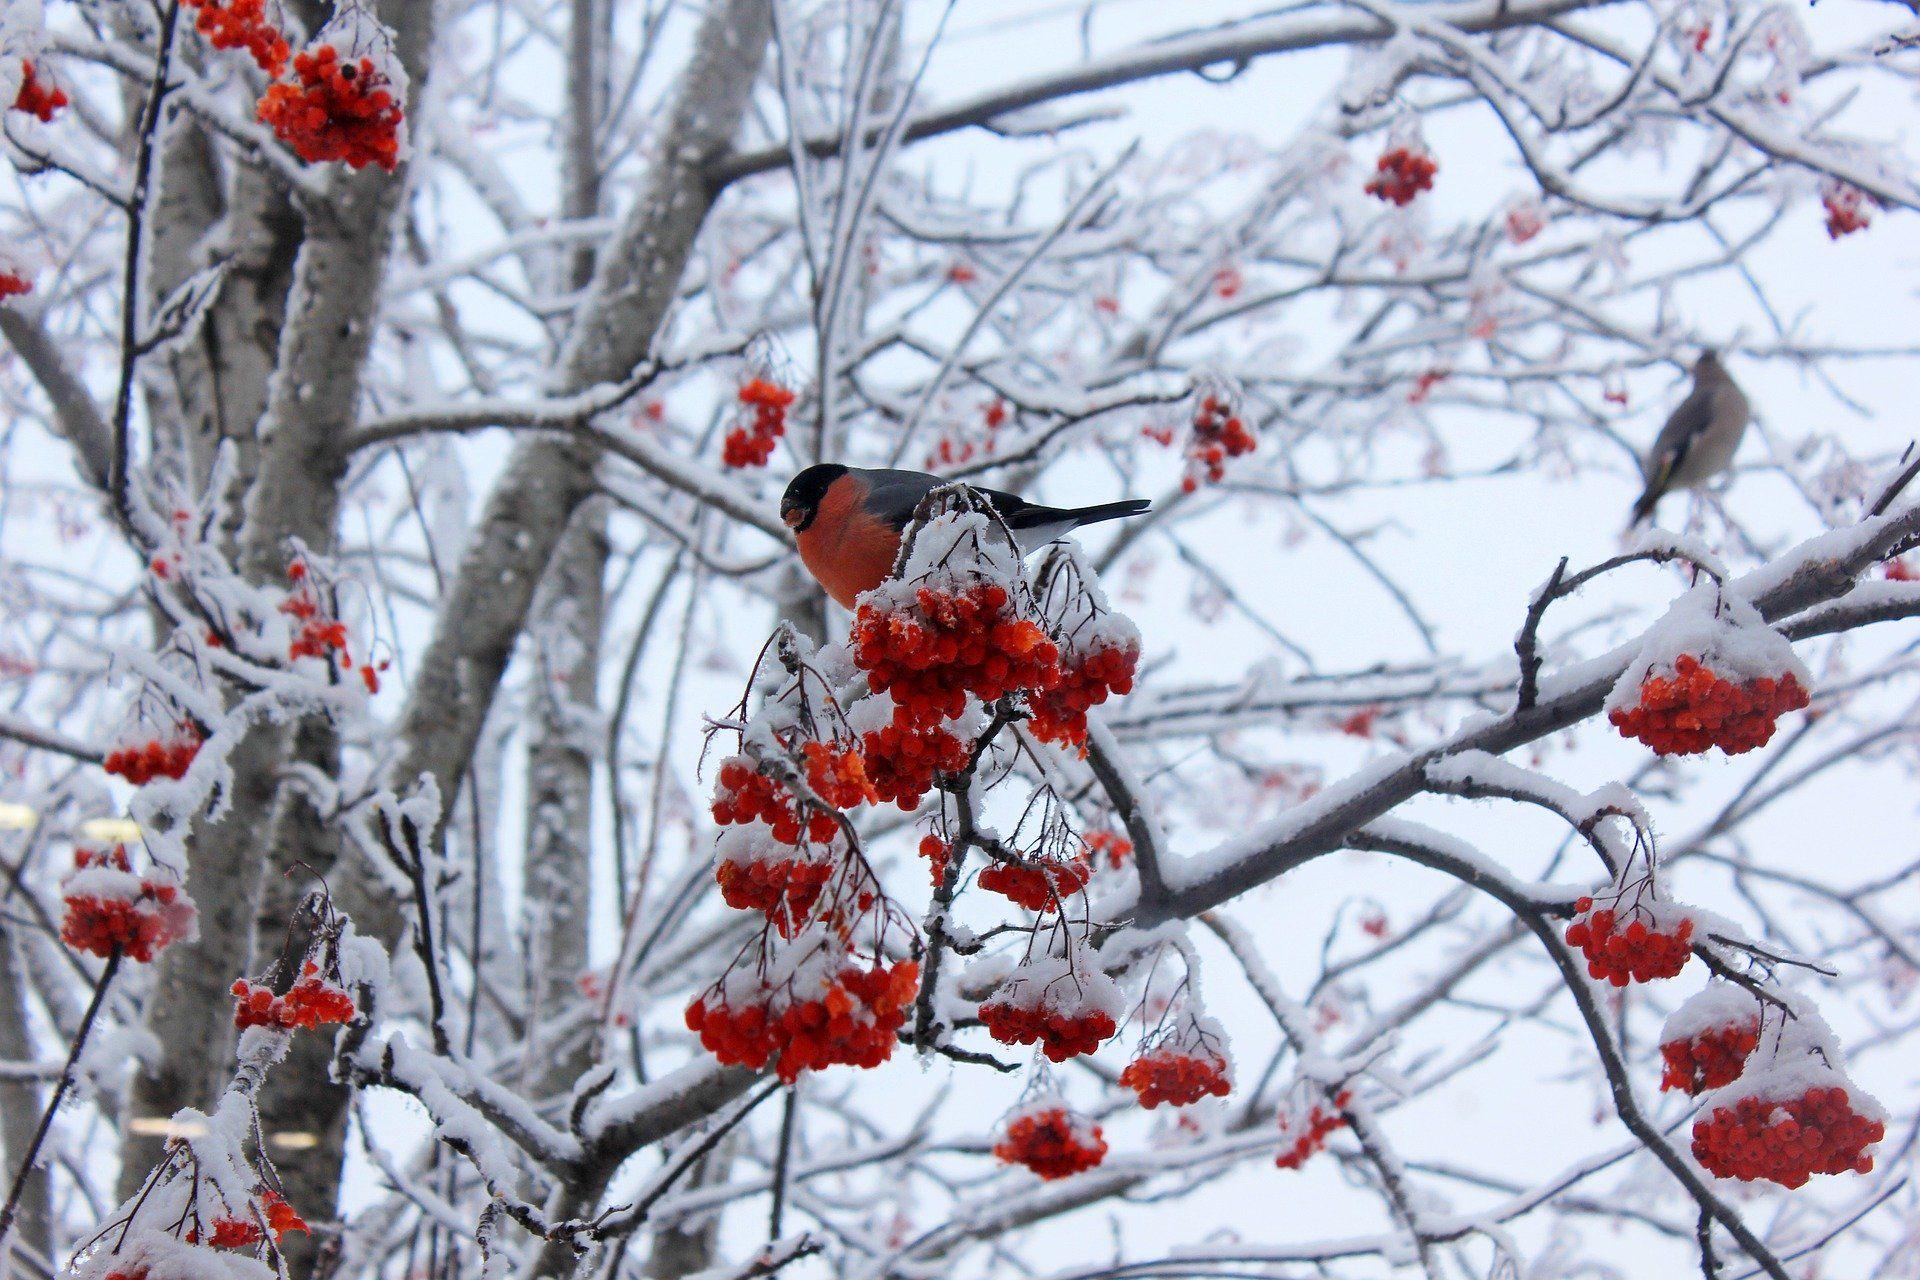 Скачать фото снегирей из интернета бесплатно